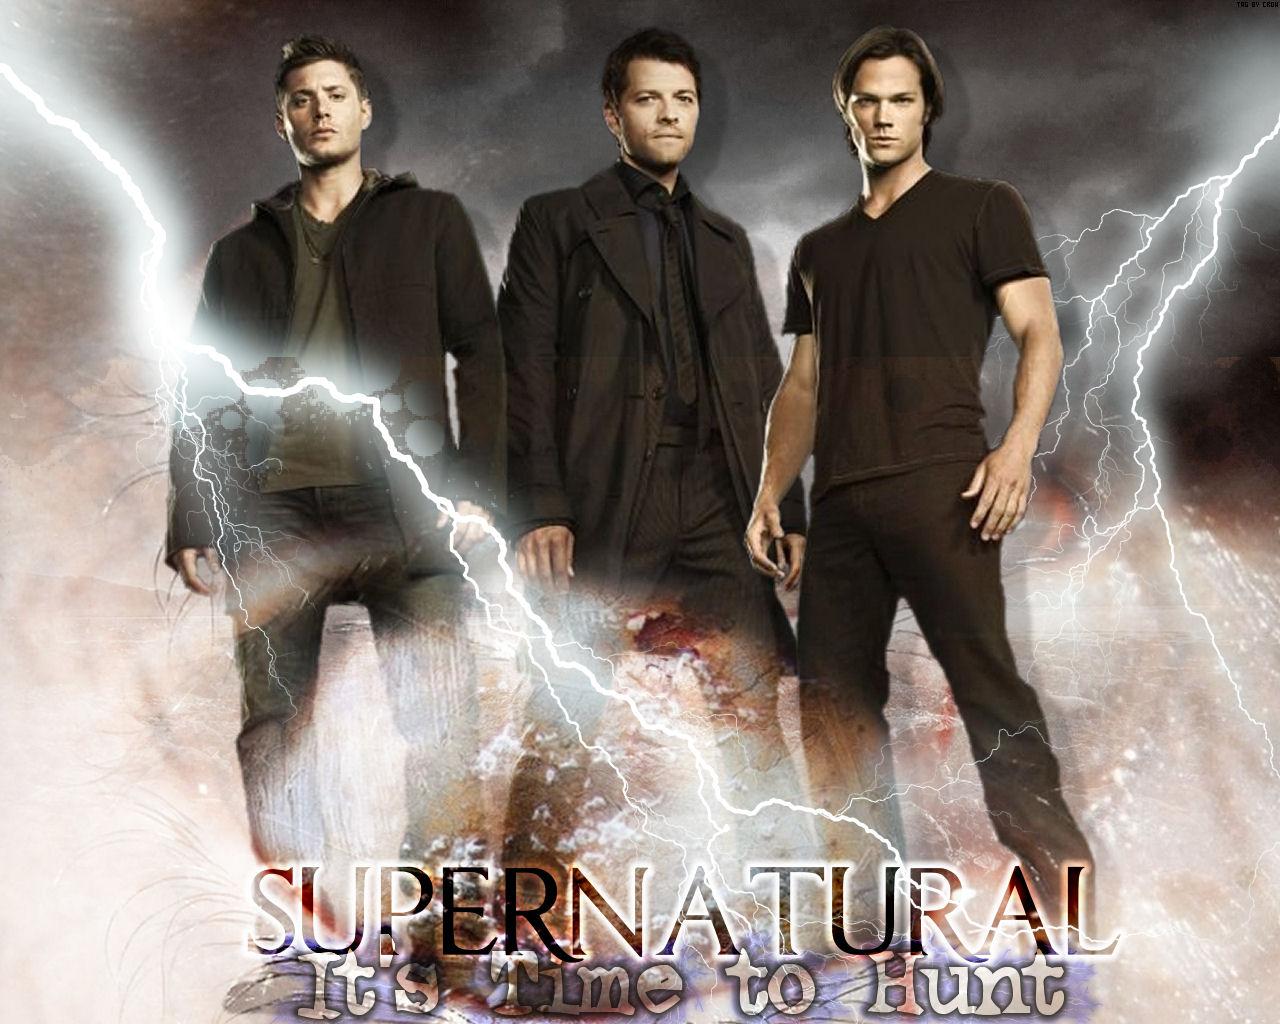 http://3.bp.blogspot.com/-1Z_1hWPHJII/UPe-FpL0xnI/AAAAAAAAAXI/whyFuYmdSNE/s1600/Supernatural-Wallpaper-supernatural-30505255-1280-1024.jpg